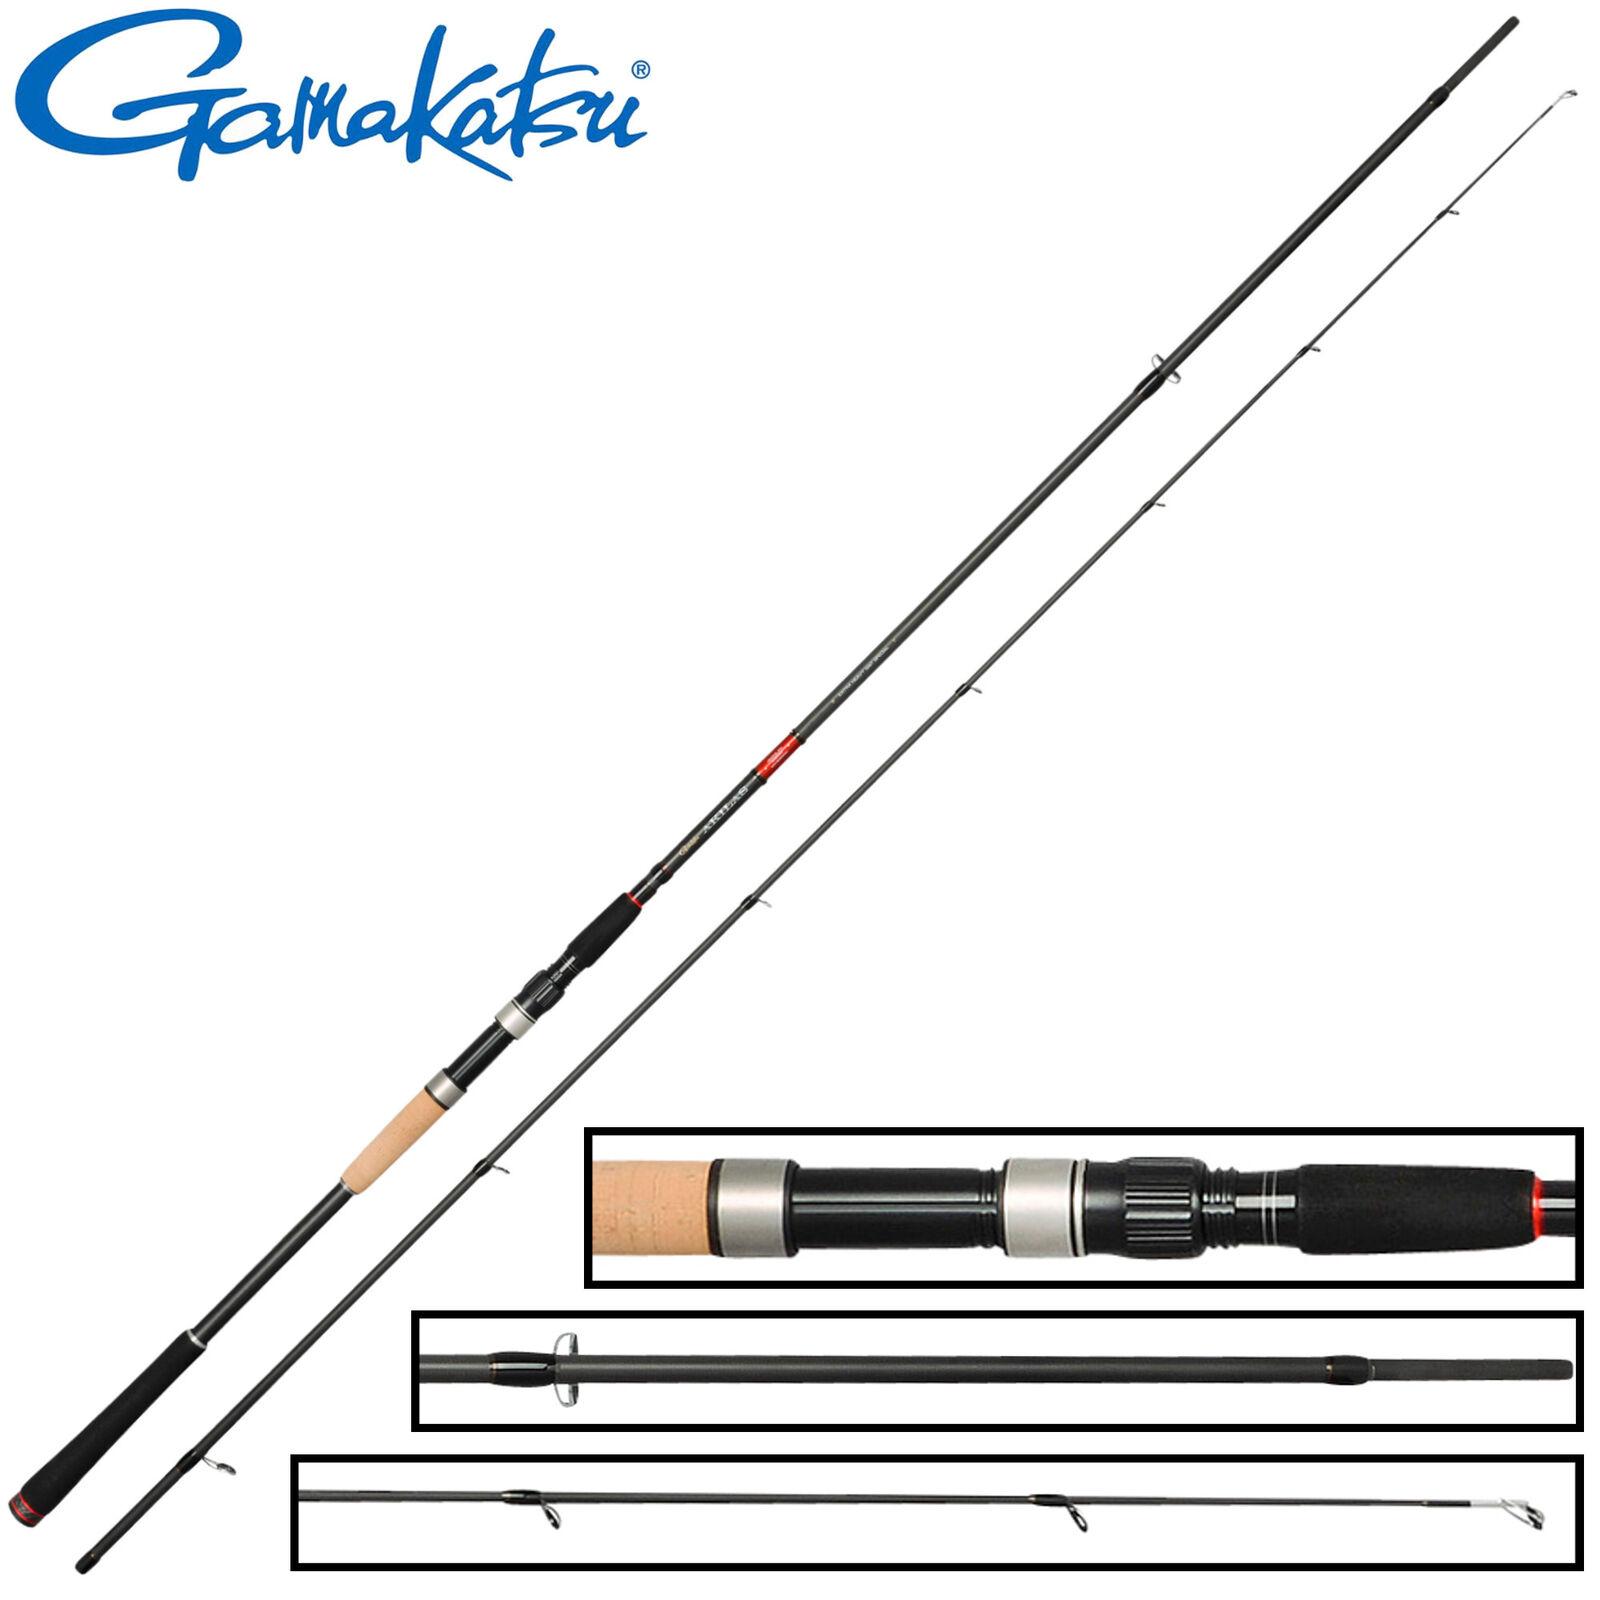 Gamakatsu Akilas 80XXXH 2 40m 50-100g - Spinnrute Spinnrute Spinnrute Angelrute für Hechte Jigrute 92ef59